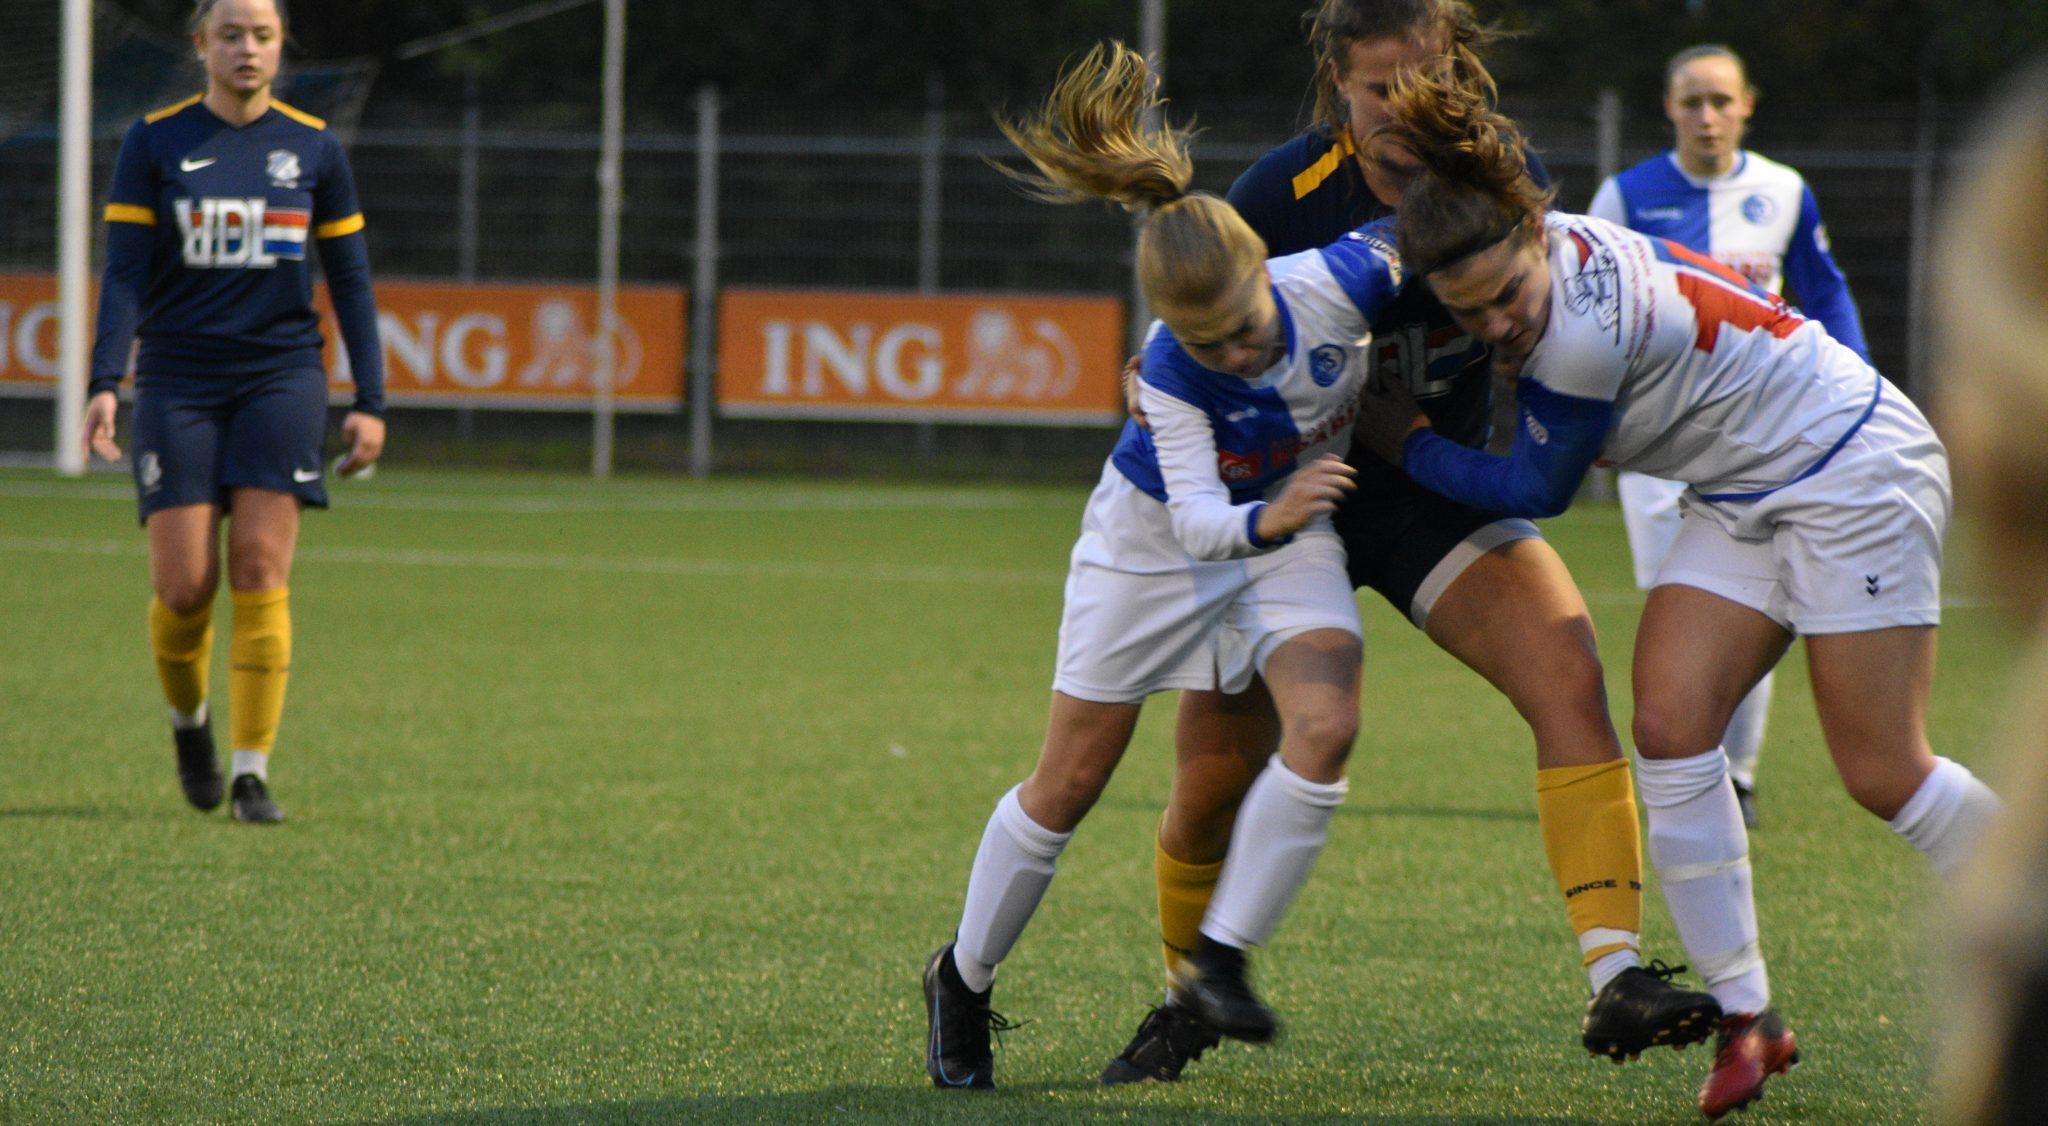 DTS Ede Vrouwen 1 schakelen FC Eindhoven av uit in bekertoernooi